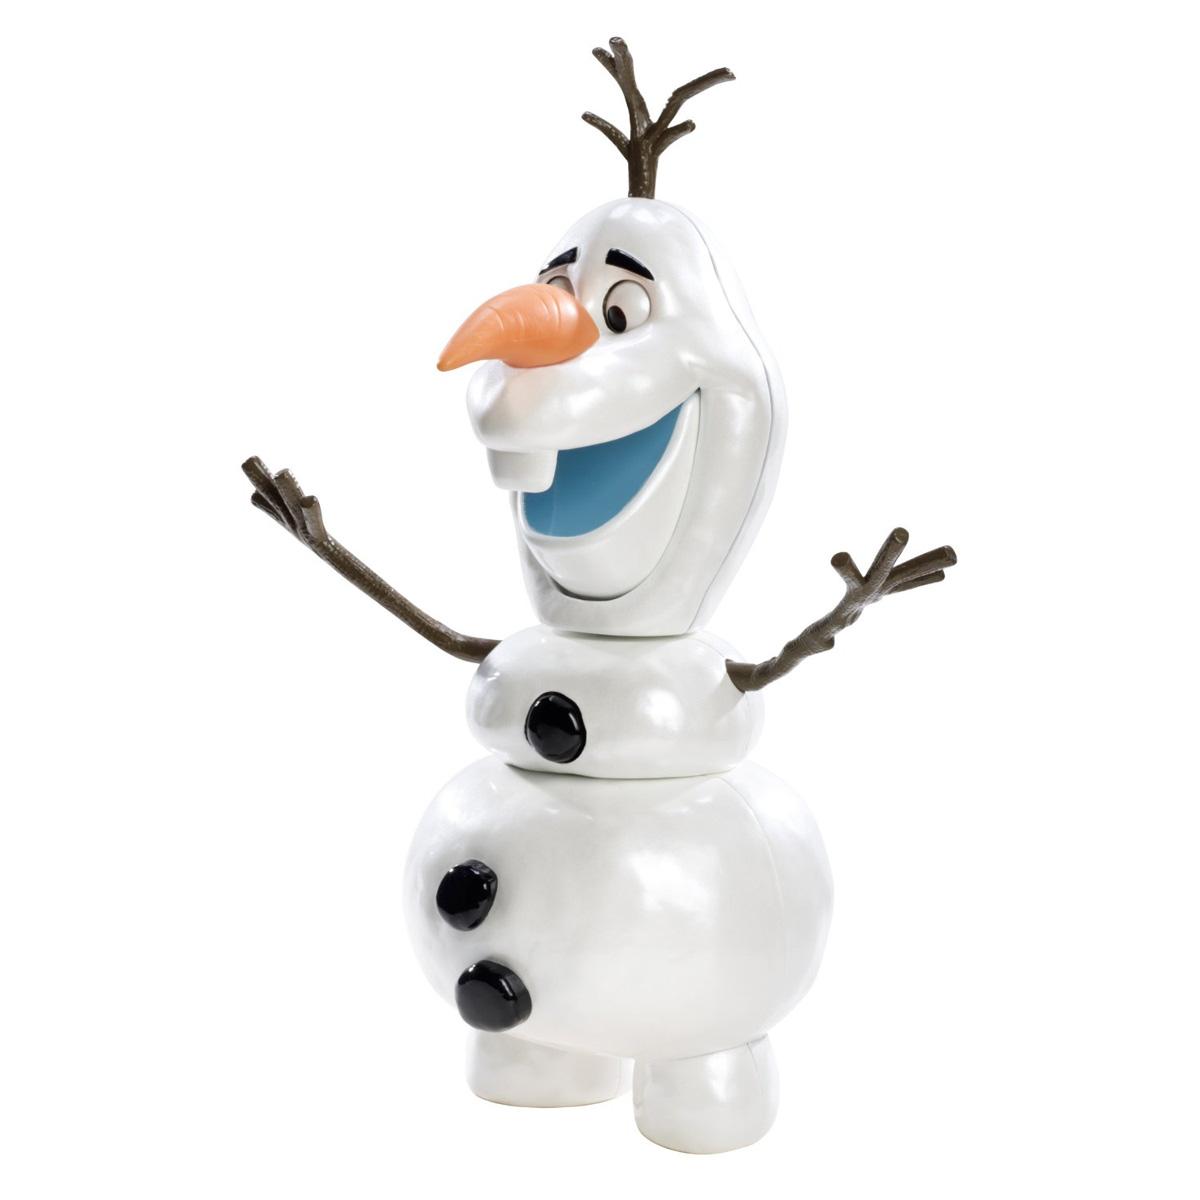 Disney Frozen Фигурка Холодное сердце Олаф disney frozen игровой набор олаф и холодное торжество